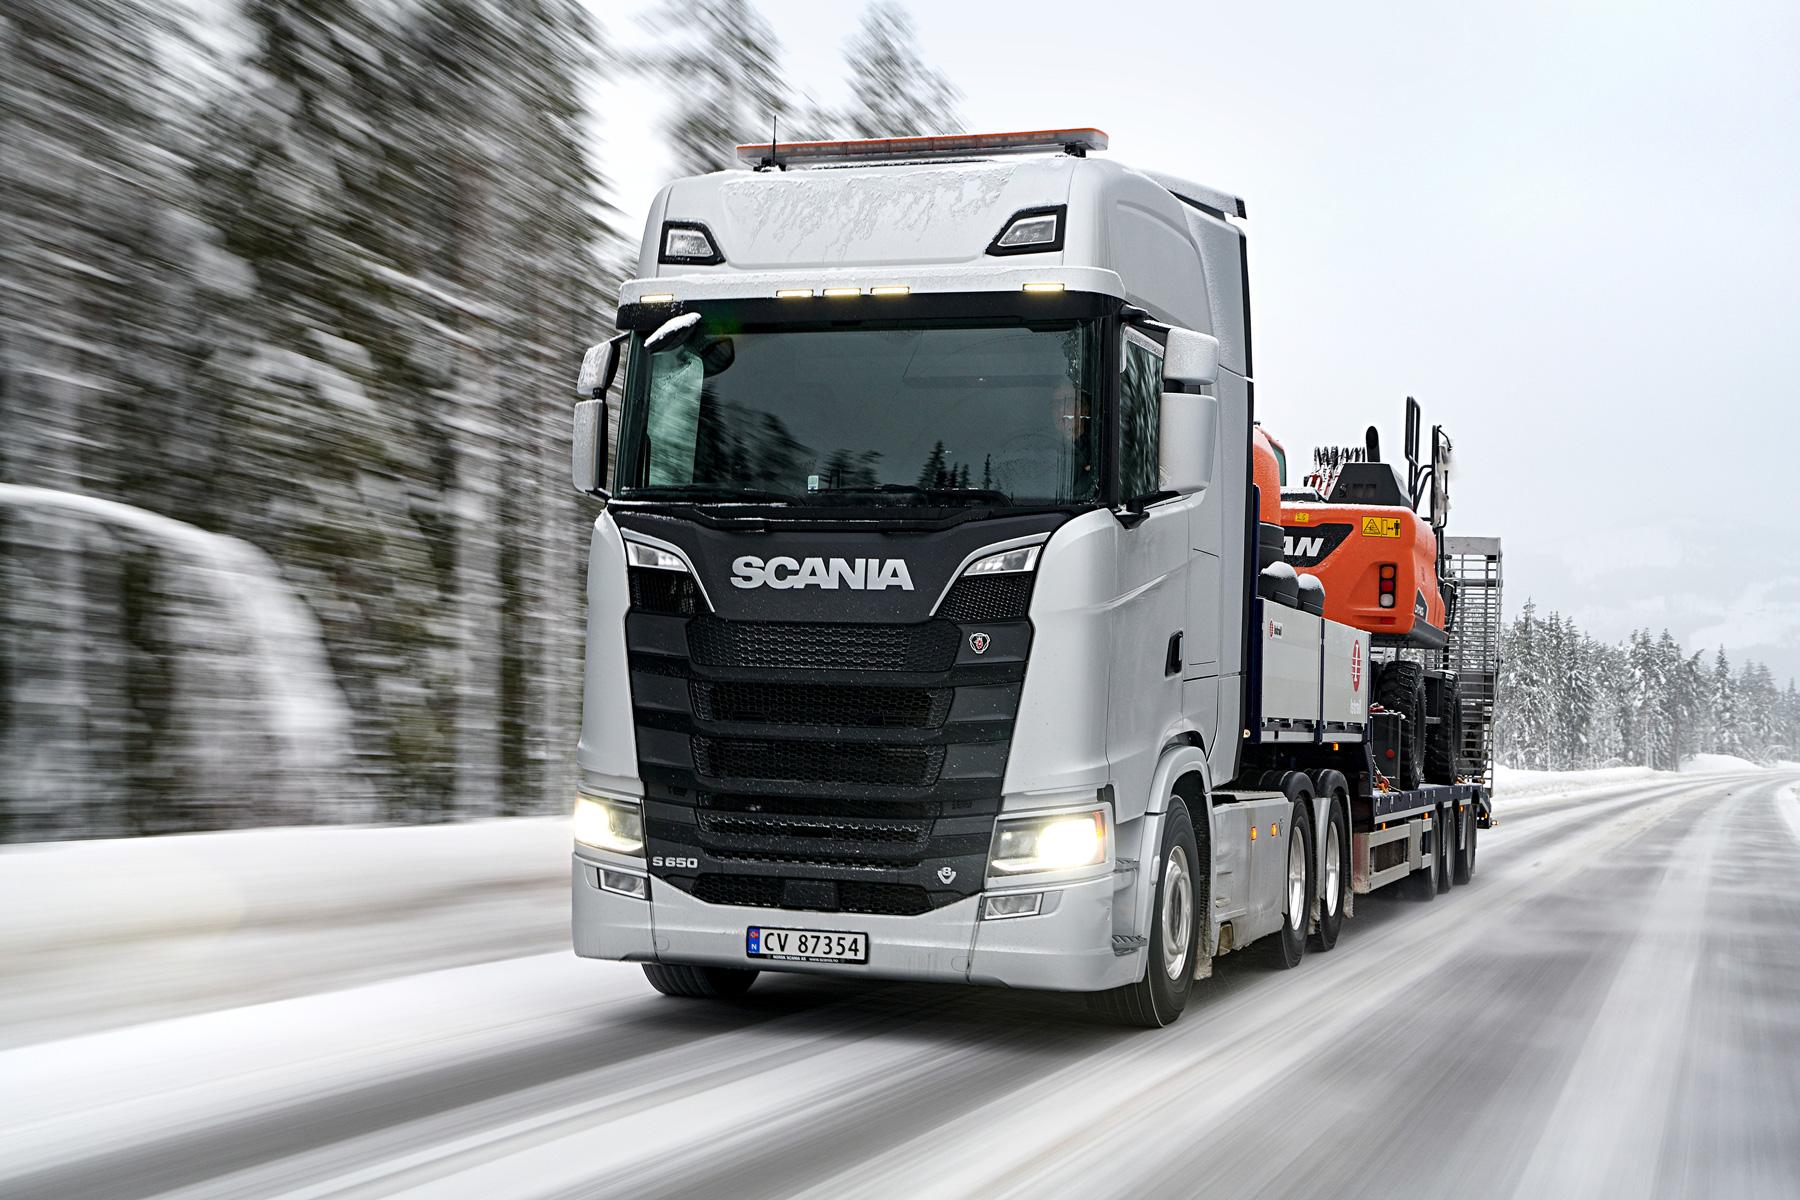 新モデルで新たに登場した旗艦・Sシリーズにも、もちろんV8エンジンを設定。写真のS650では、最高出力650hp、最大トルクは3300Nmに至る